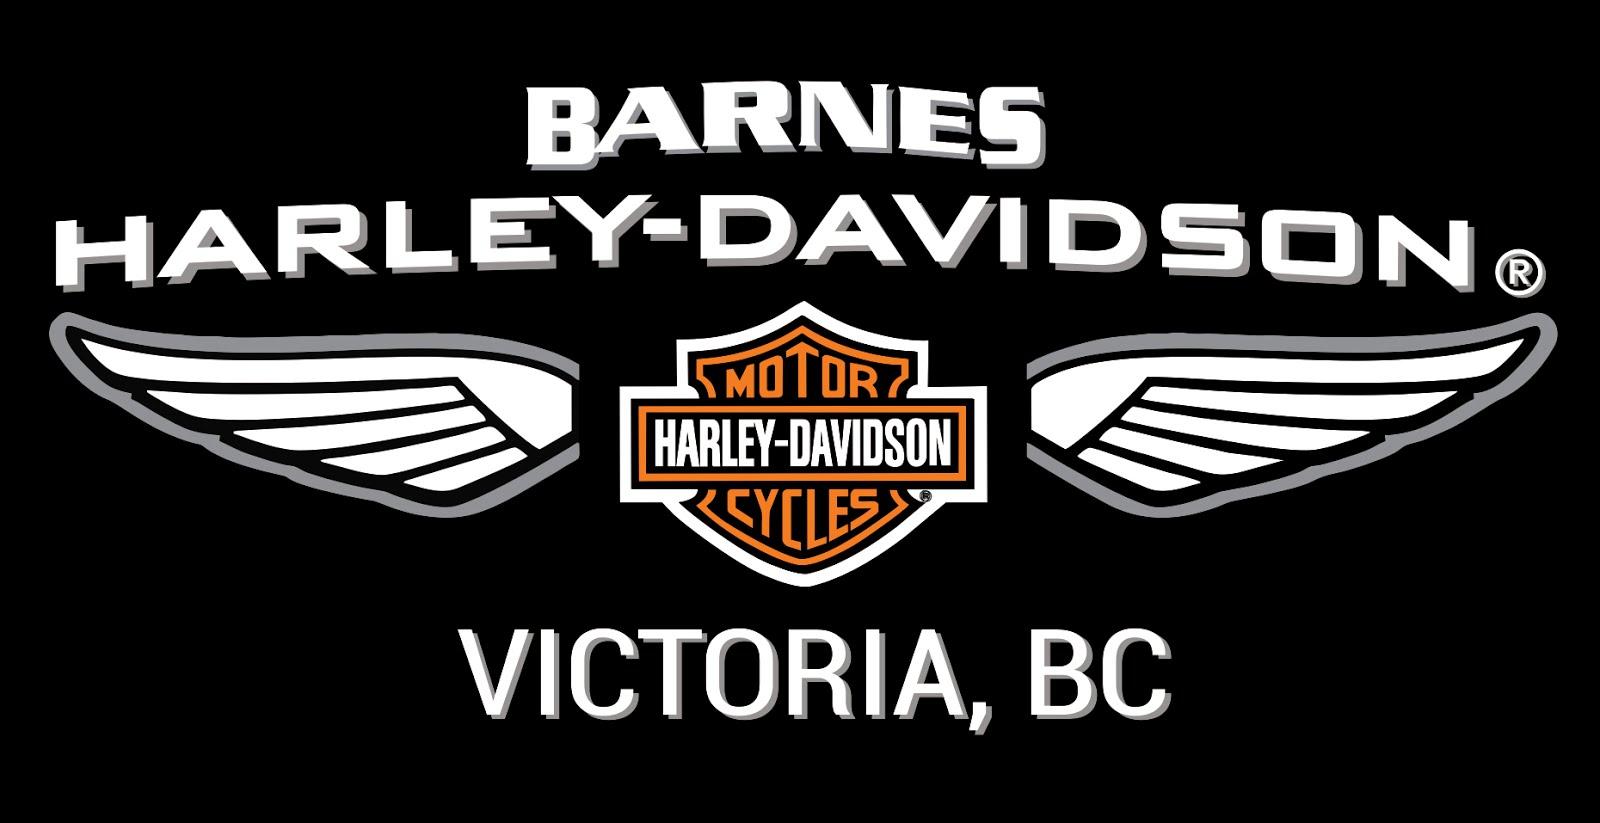 Barnes H-D® Victoria